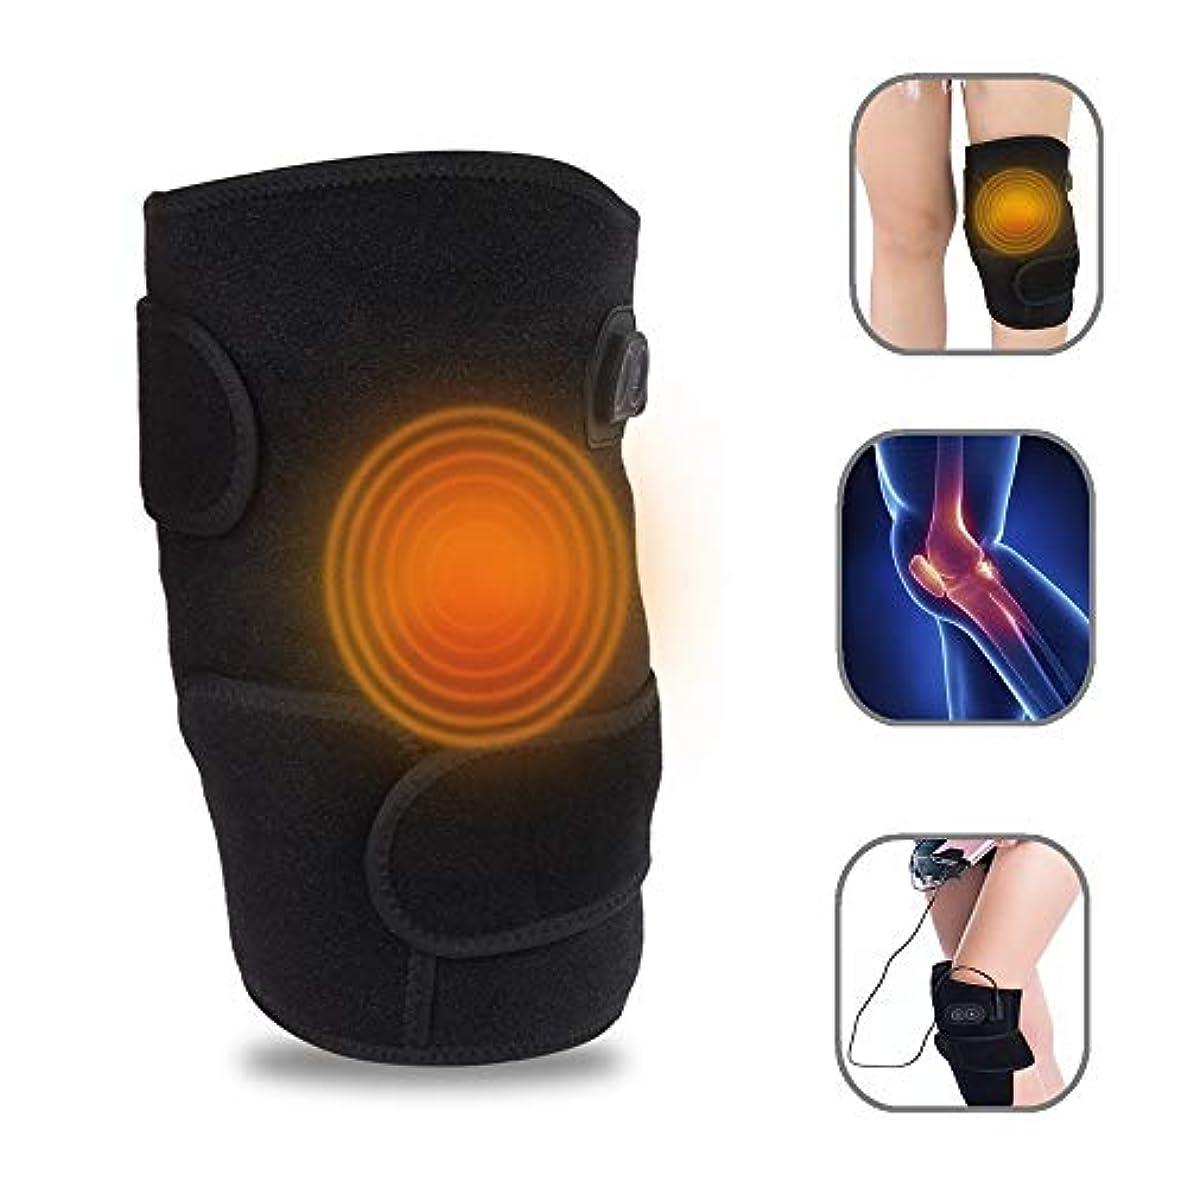 未知の和らげるスーツケースマッサージ 膝の理学療法装置、膝の振動、膝の痛みを和らげる 電熱療法、 冬の暖かさ リウマチ